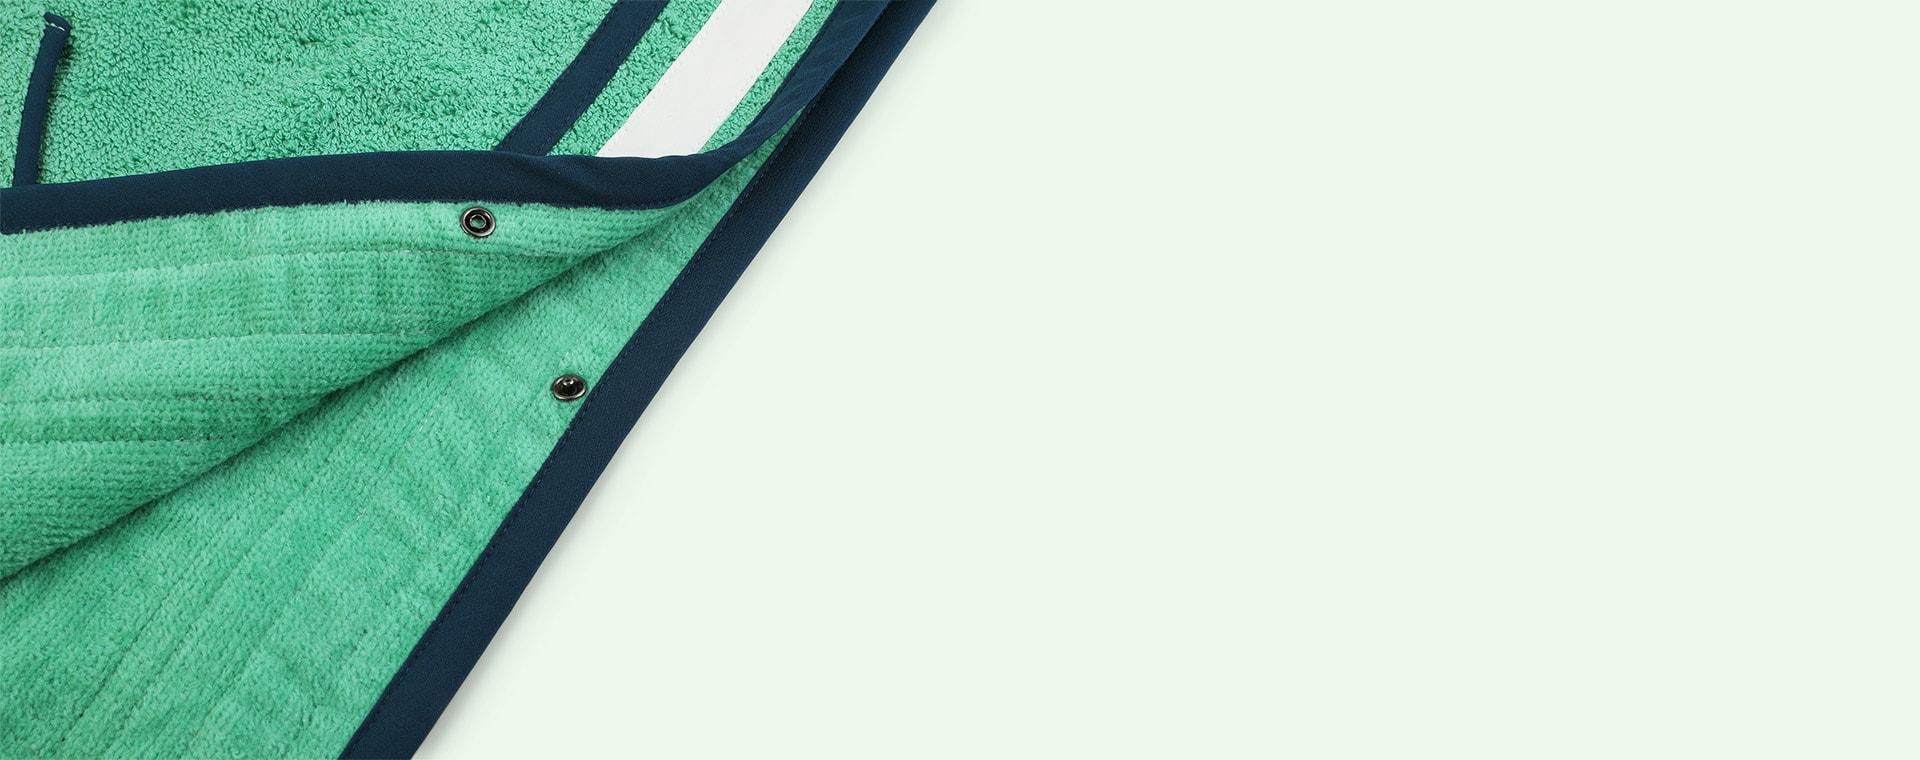 Spike dinoSea Hooded Towel